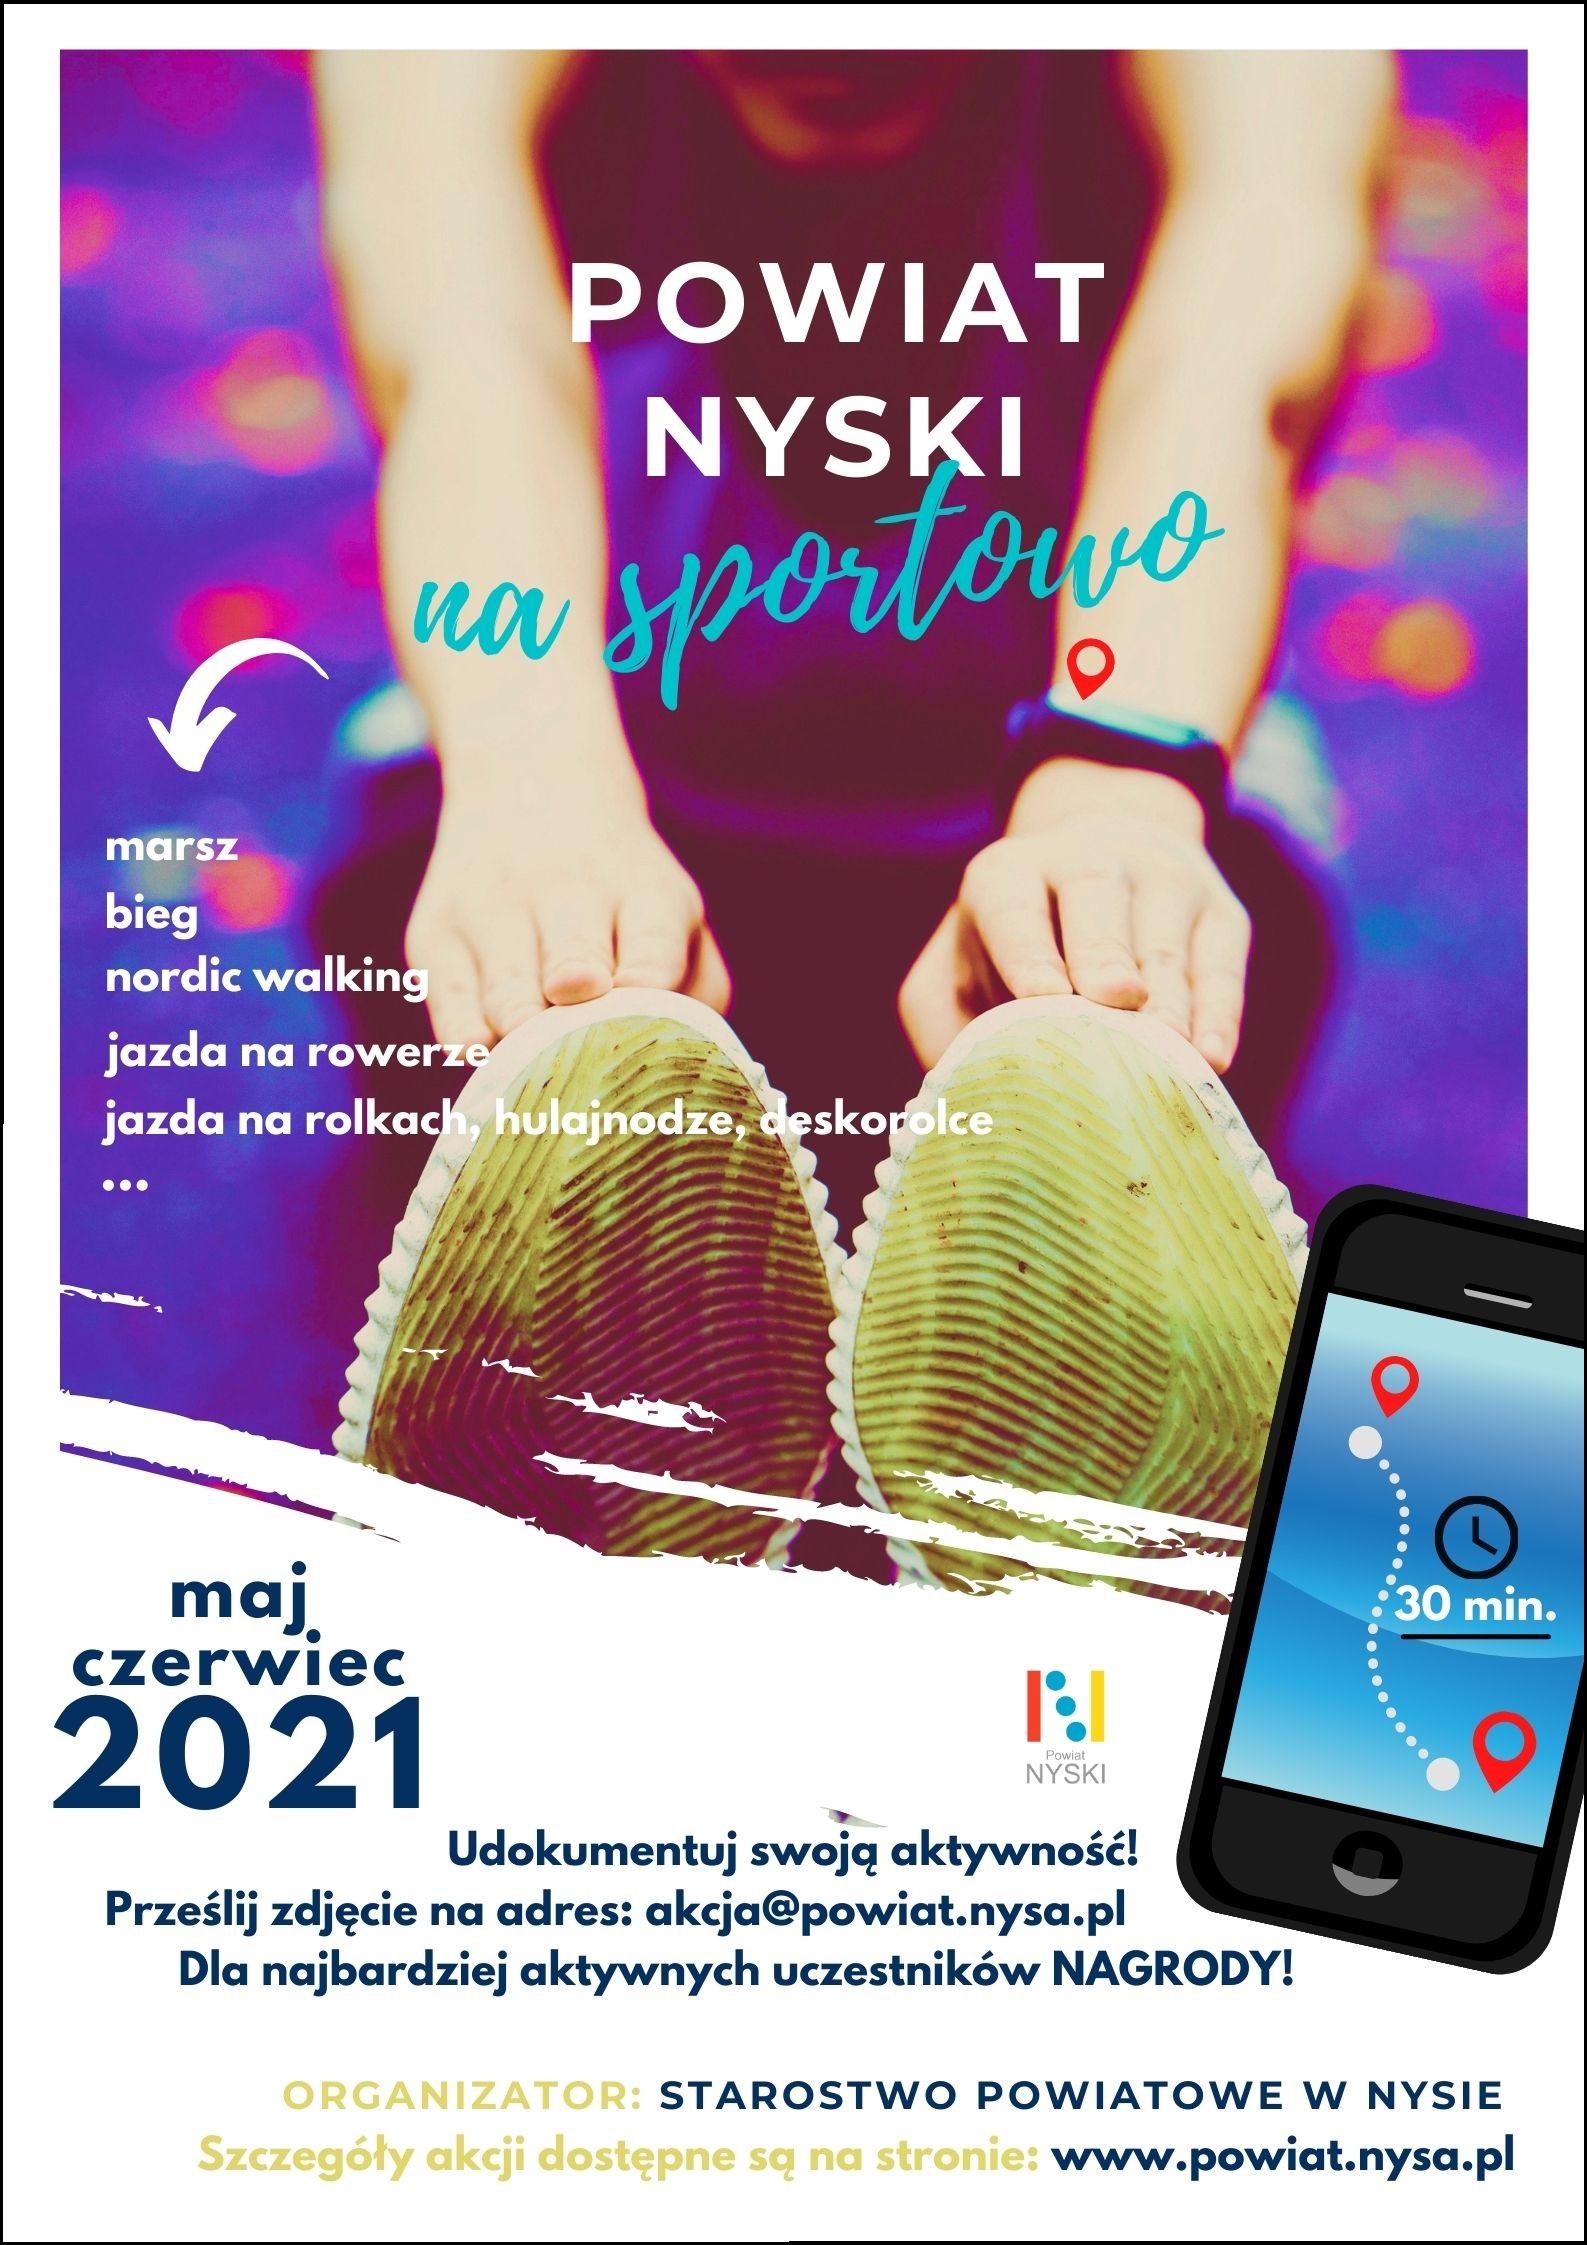 Plakat Powiat Nyski na sportowo